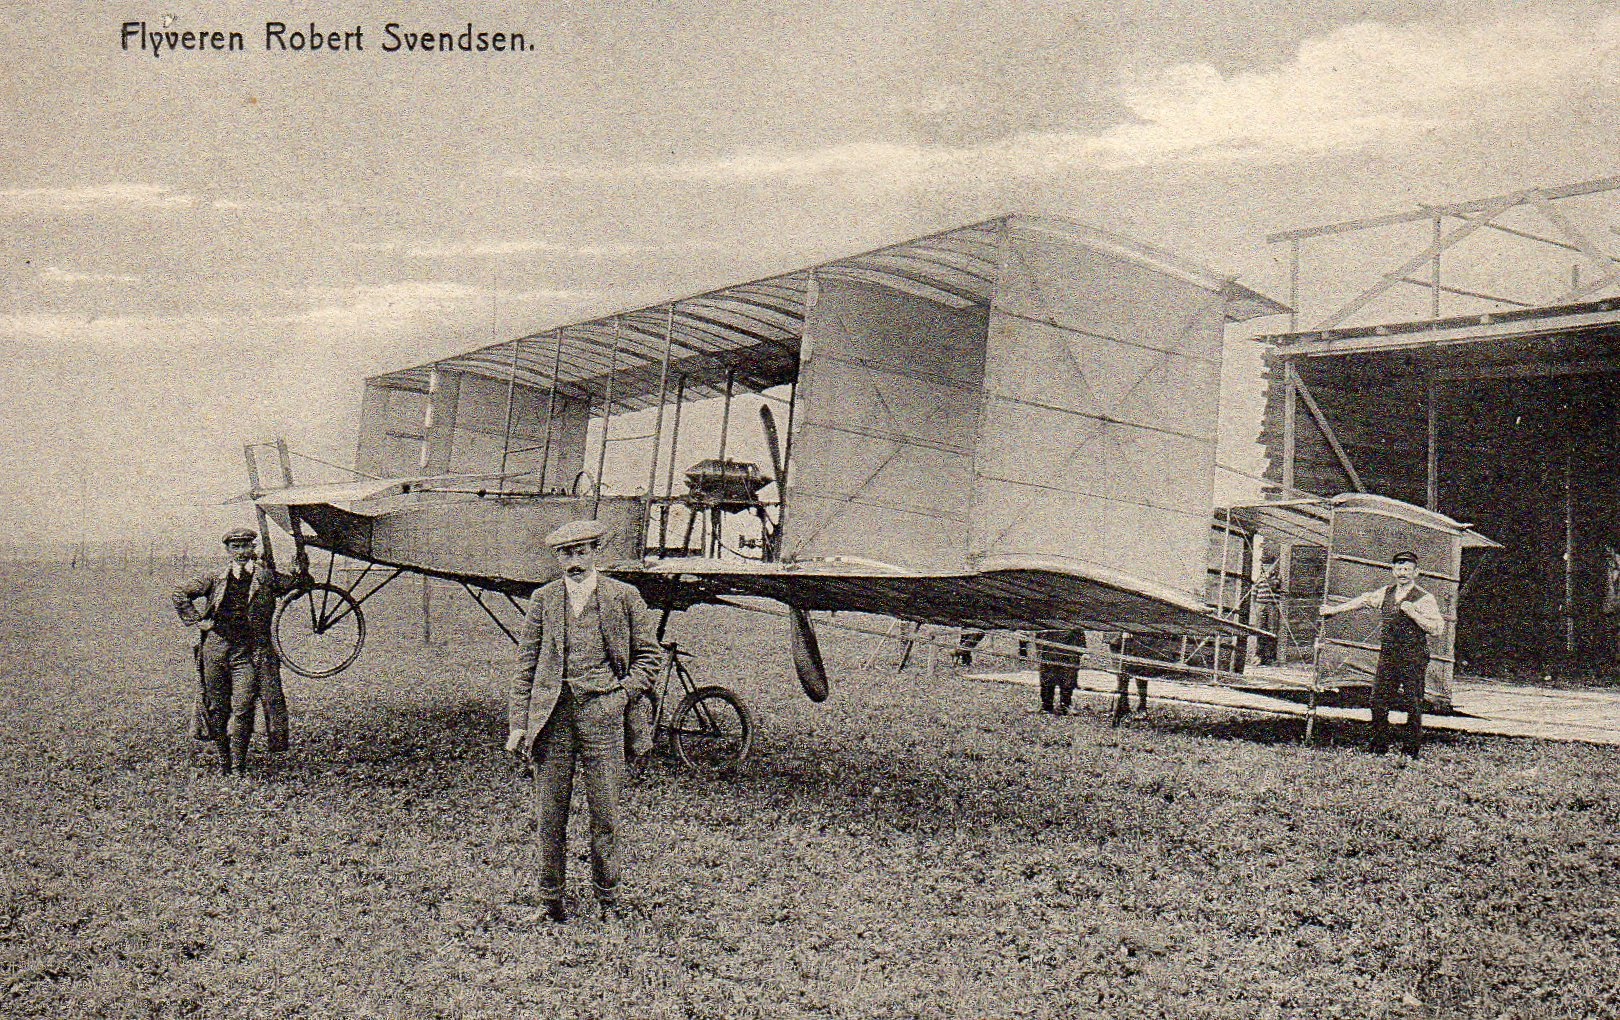 Flyveren Robert Svendsen